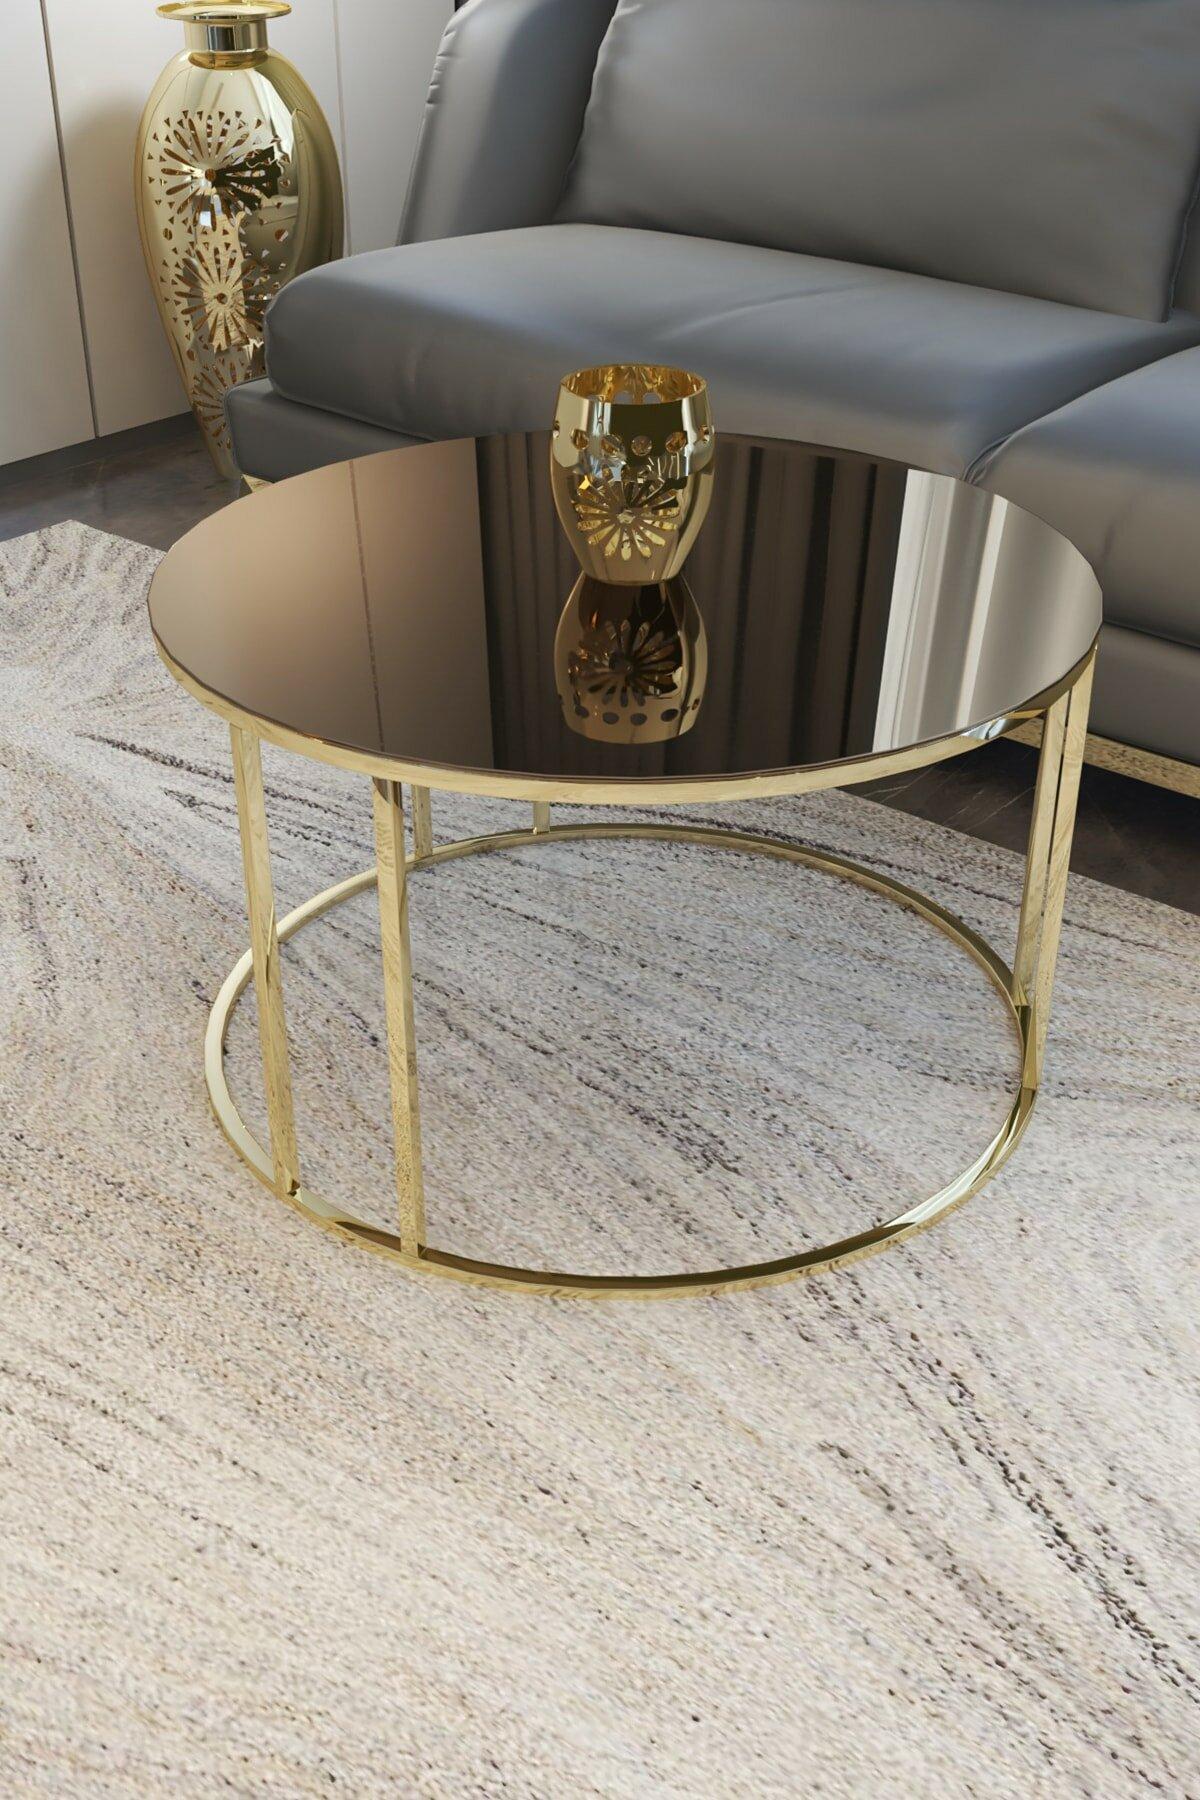 وسط منتصف الجدول طاولة قهوة عصرية كبيرة طاولة القهوة الذهب الساق البرونزية مرآة زجاج غير قابل للكسر ، 2021 منضدة قهوة فاخرة